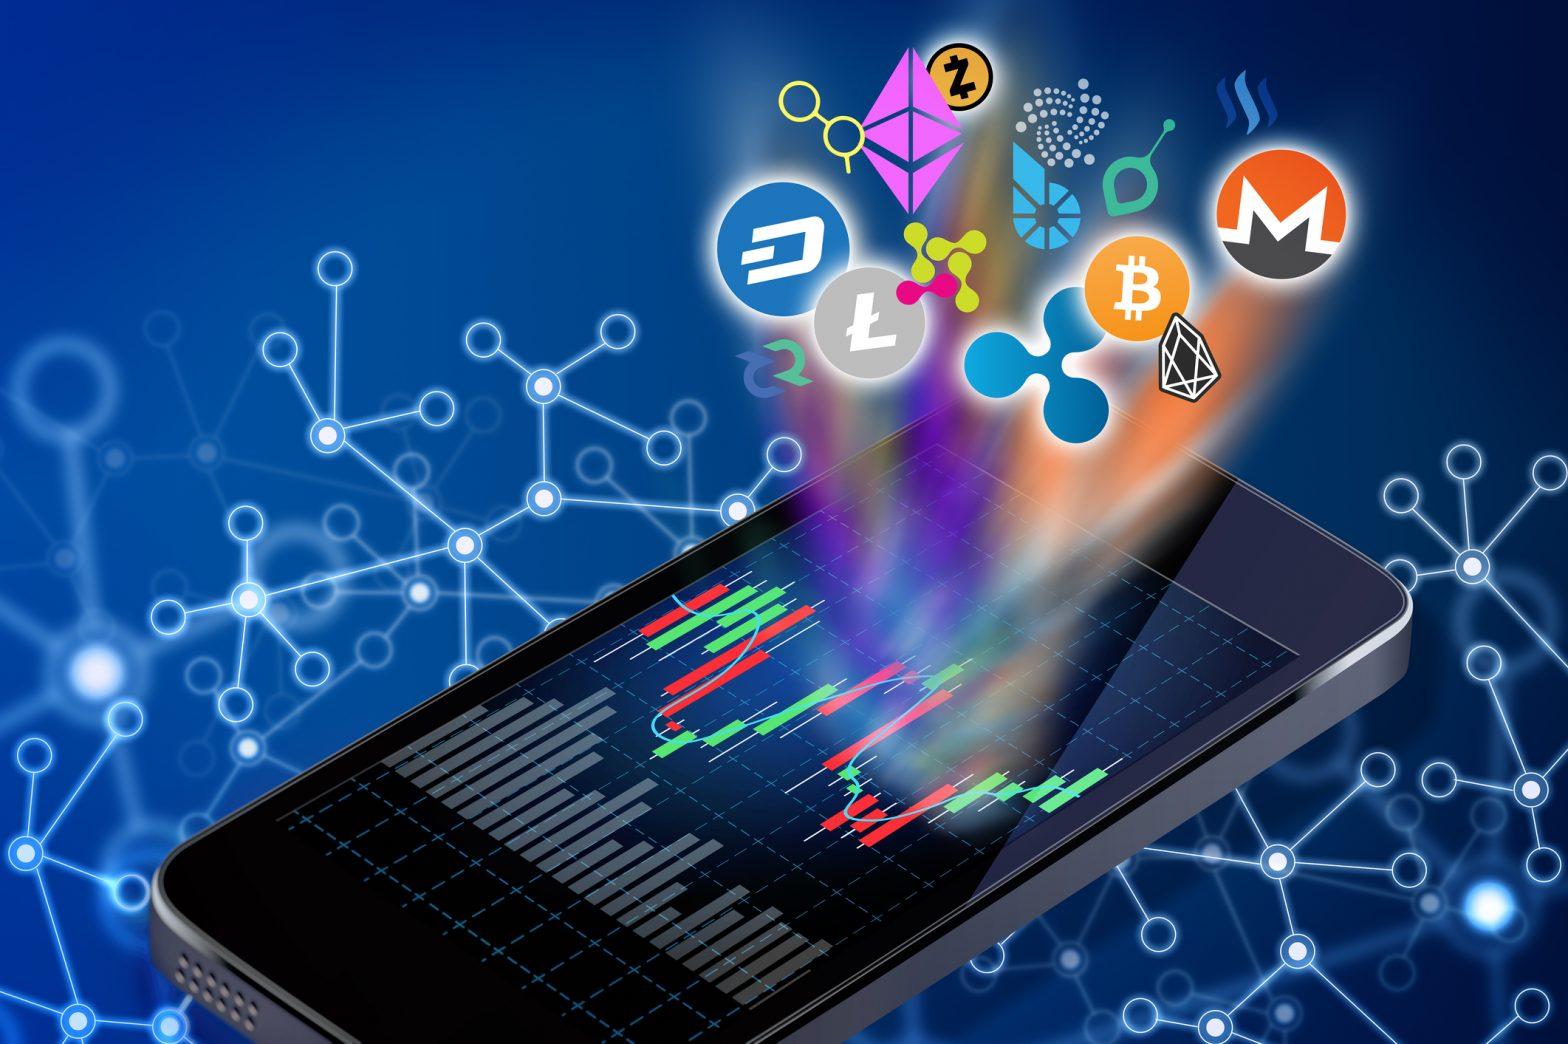 Waarde van cryptomunten die je kunt minen zijn hoger dan andere cryptocurrencies